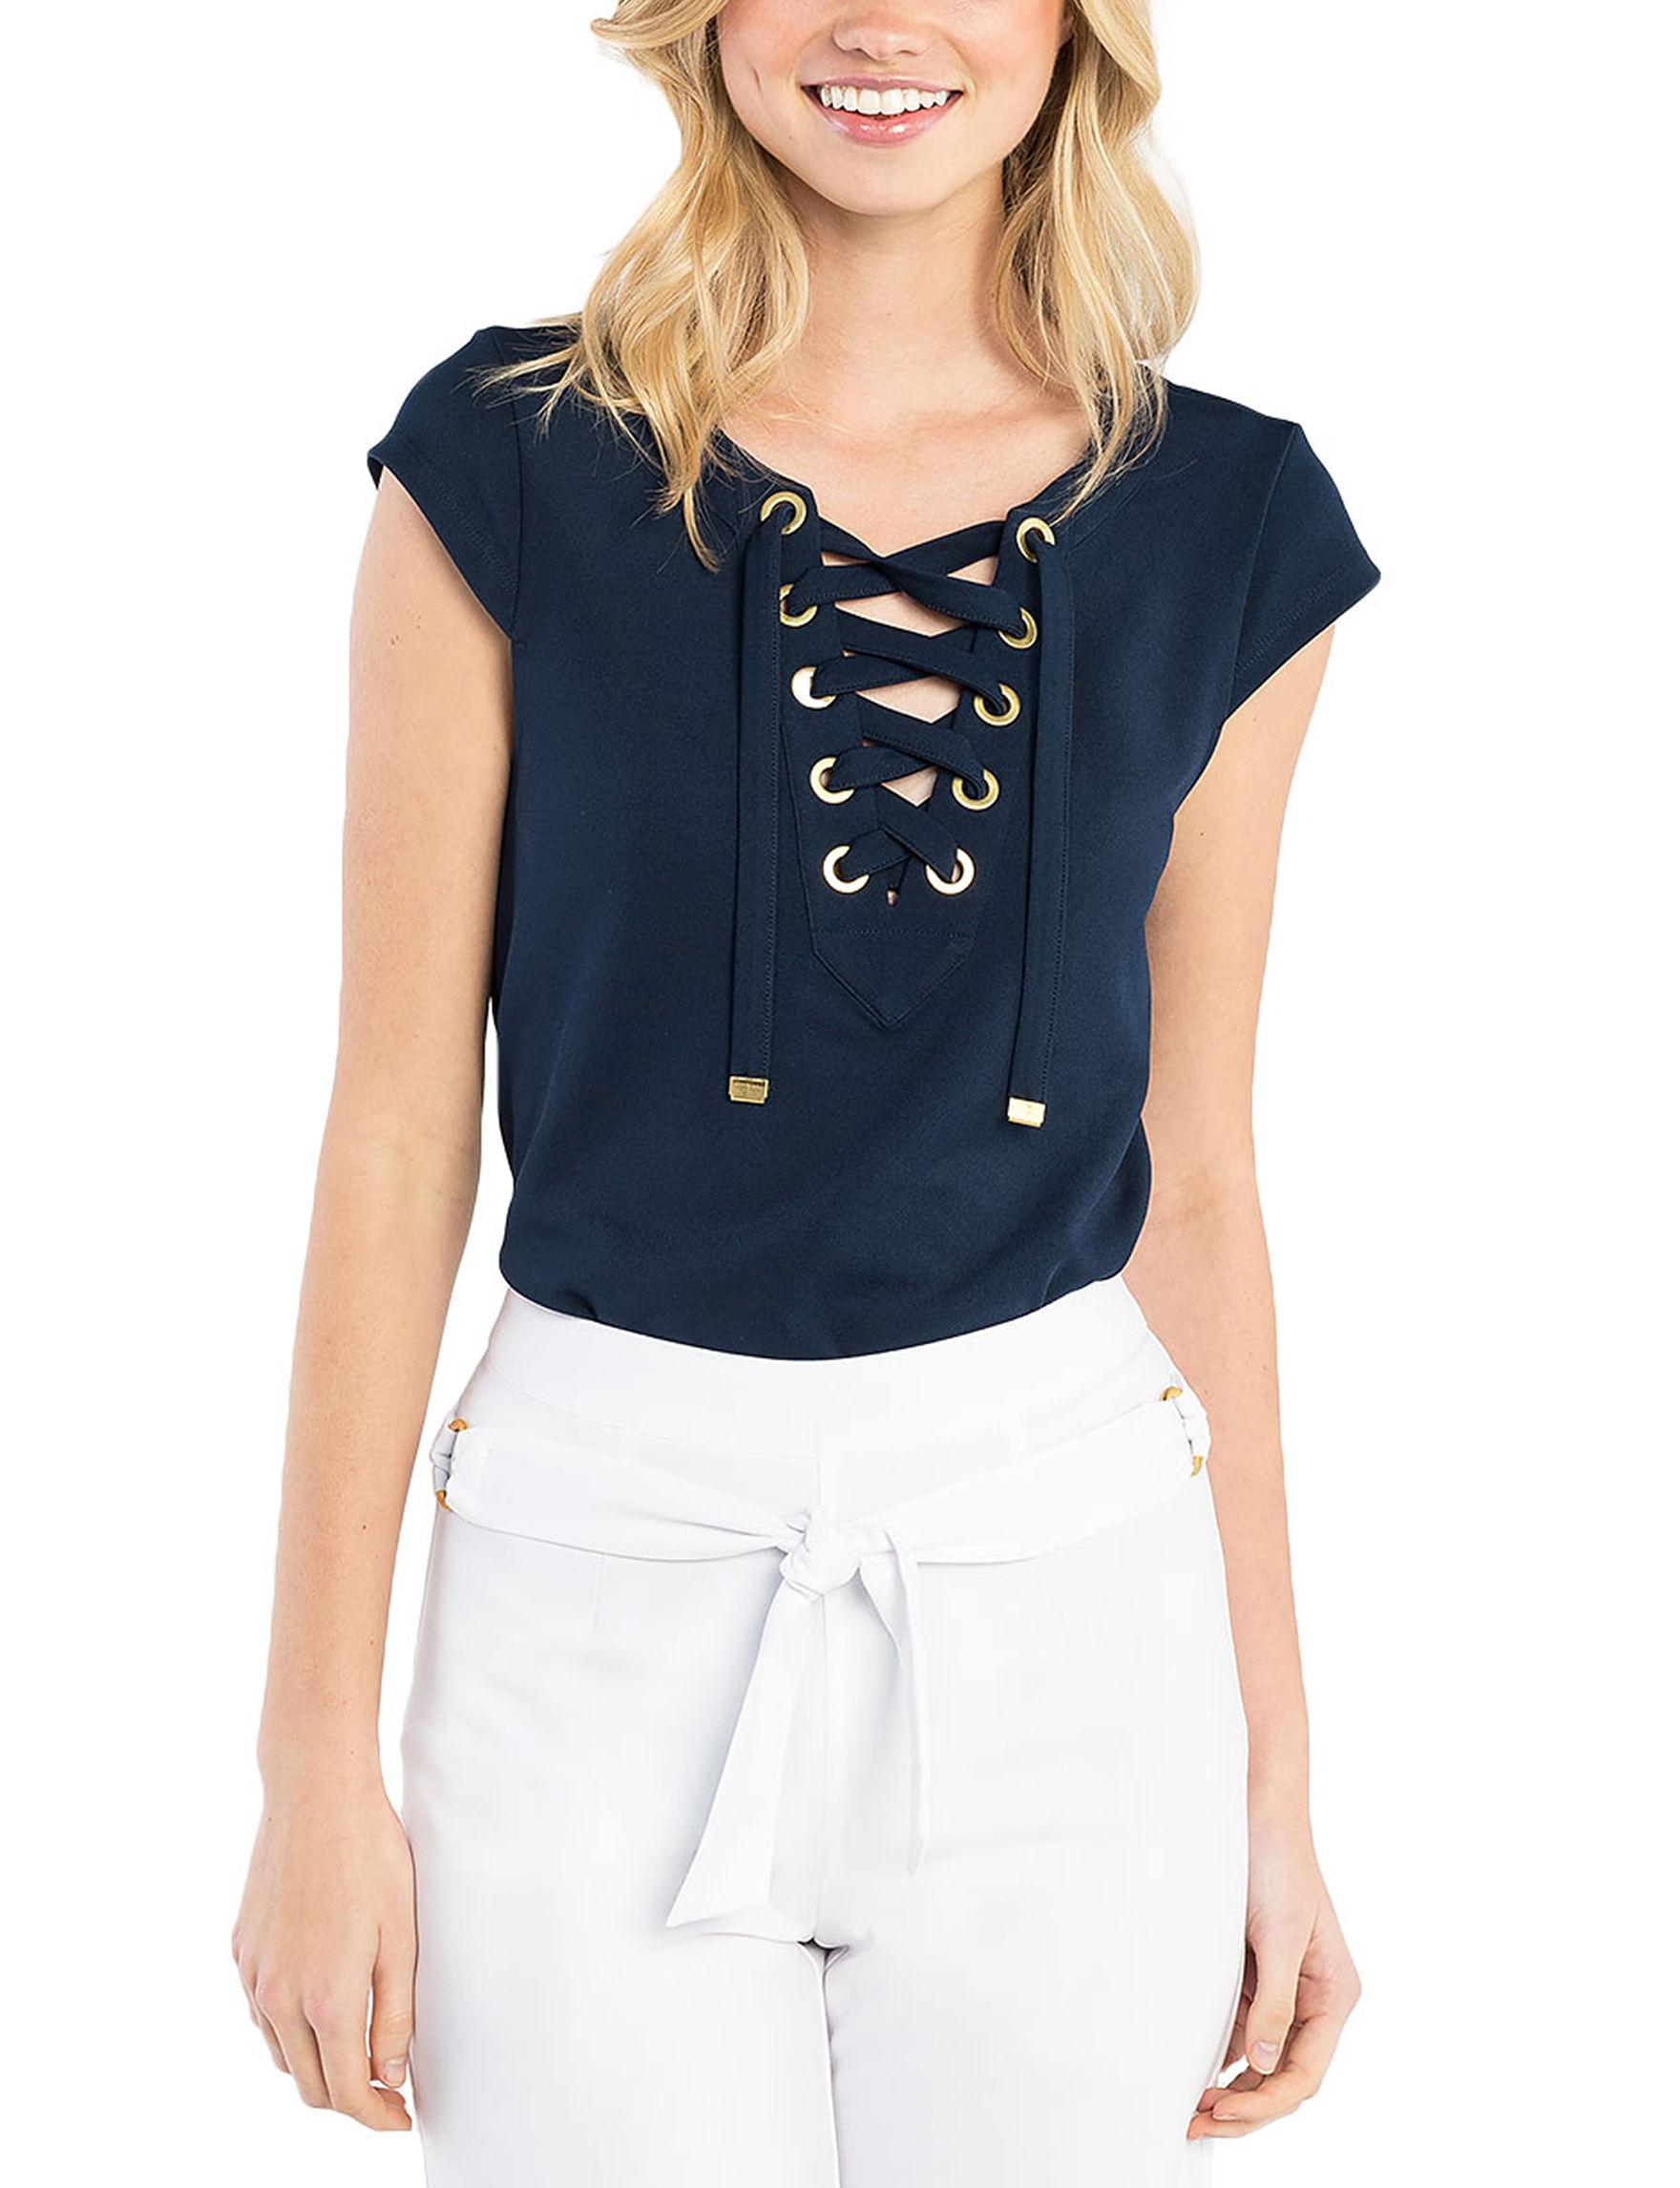 Kensie Navy Shirts & Blouses